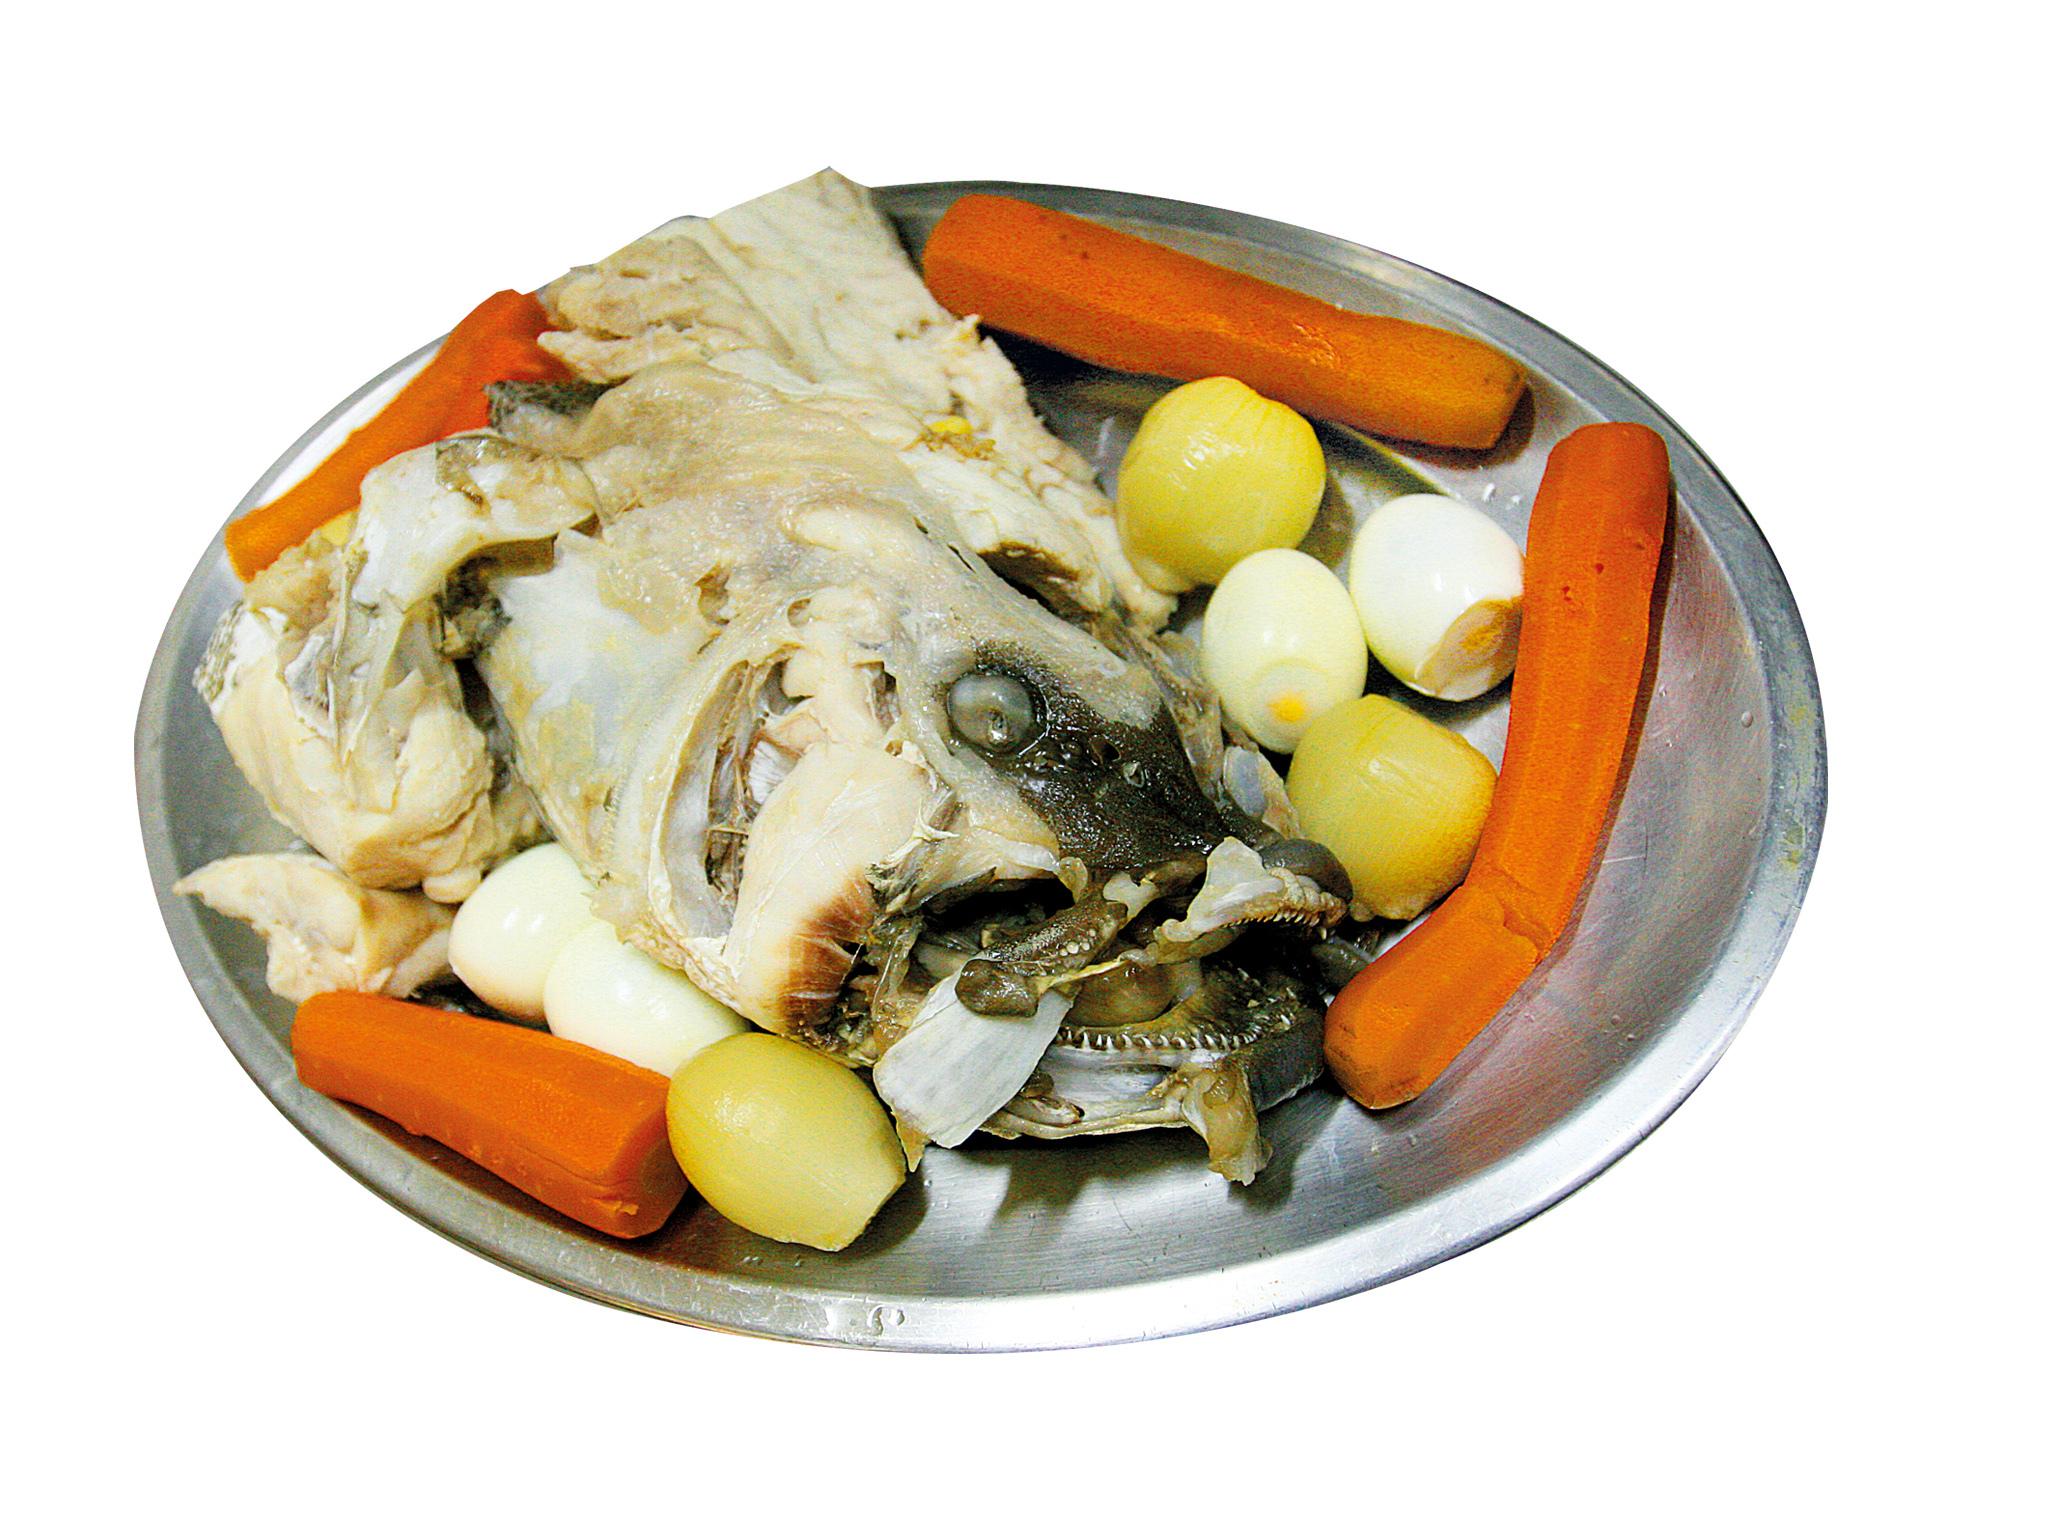 Cabeça de peixe